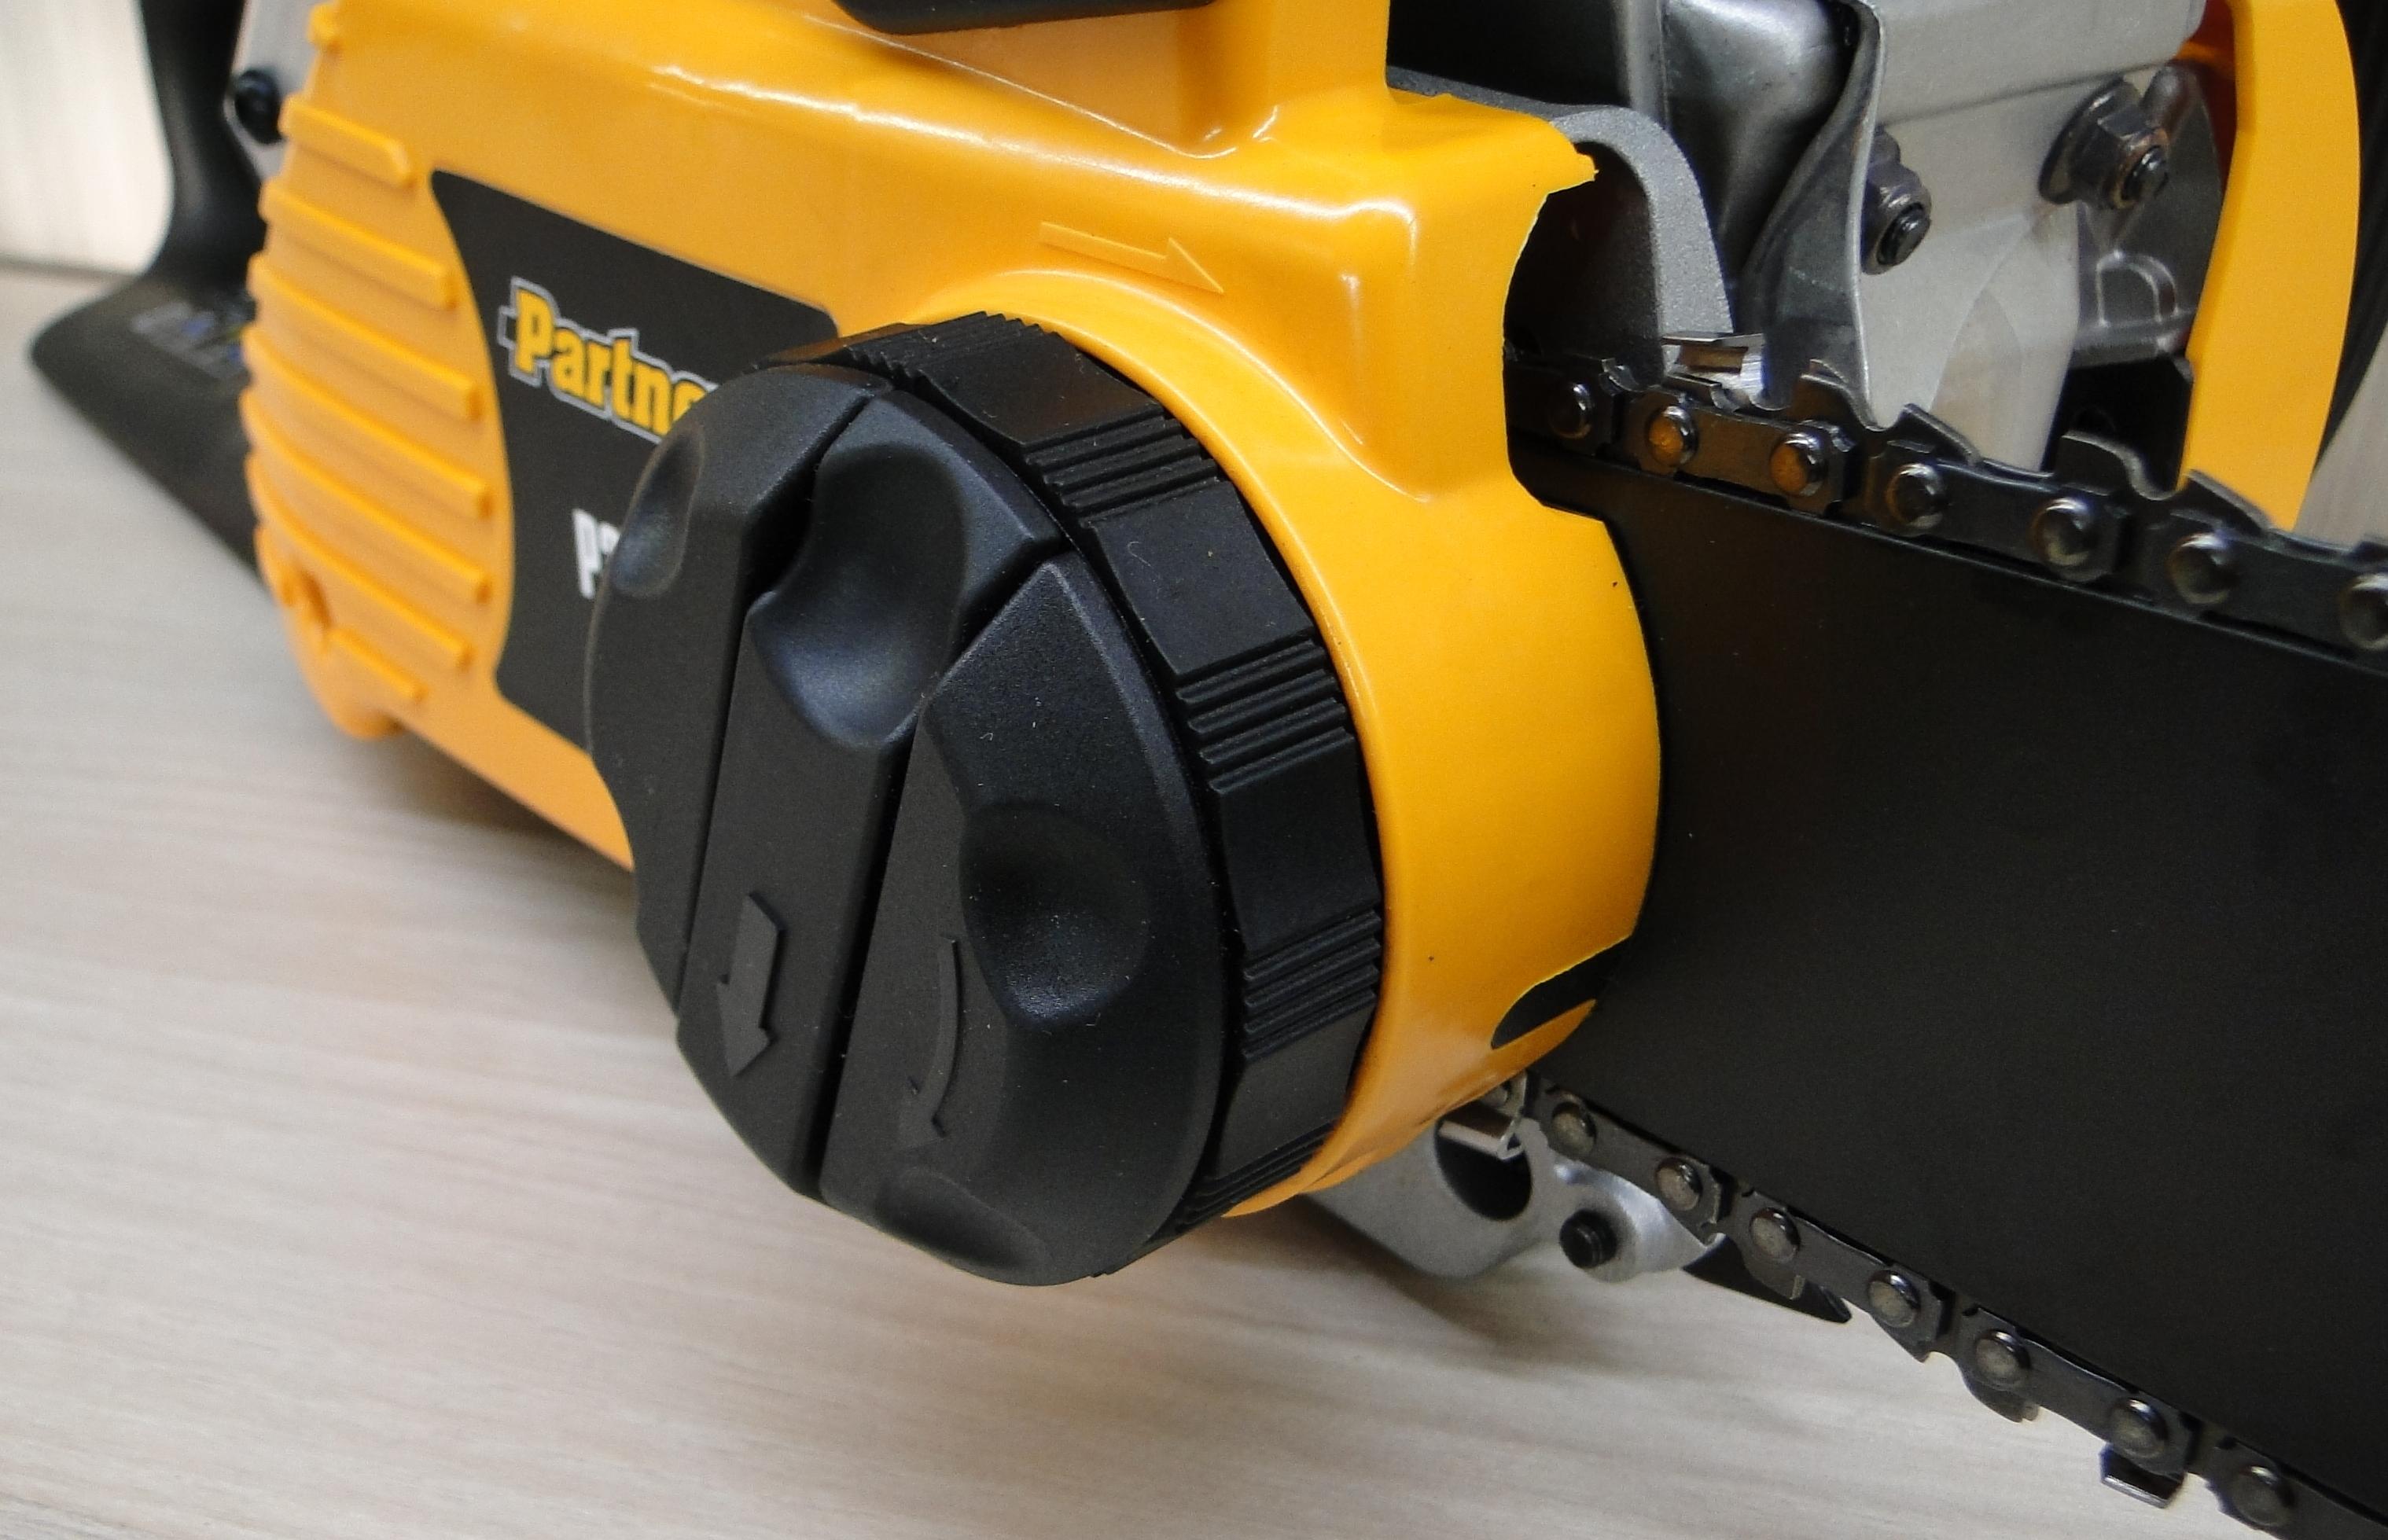 Бензопила partner p360s (желтый) купить от 7489 руб в ростове-на-дону, сравнить цены, отзывы, видео обзоры и характеристики